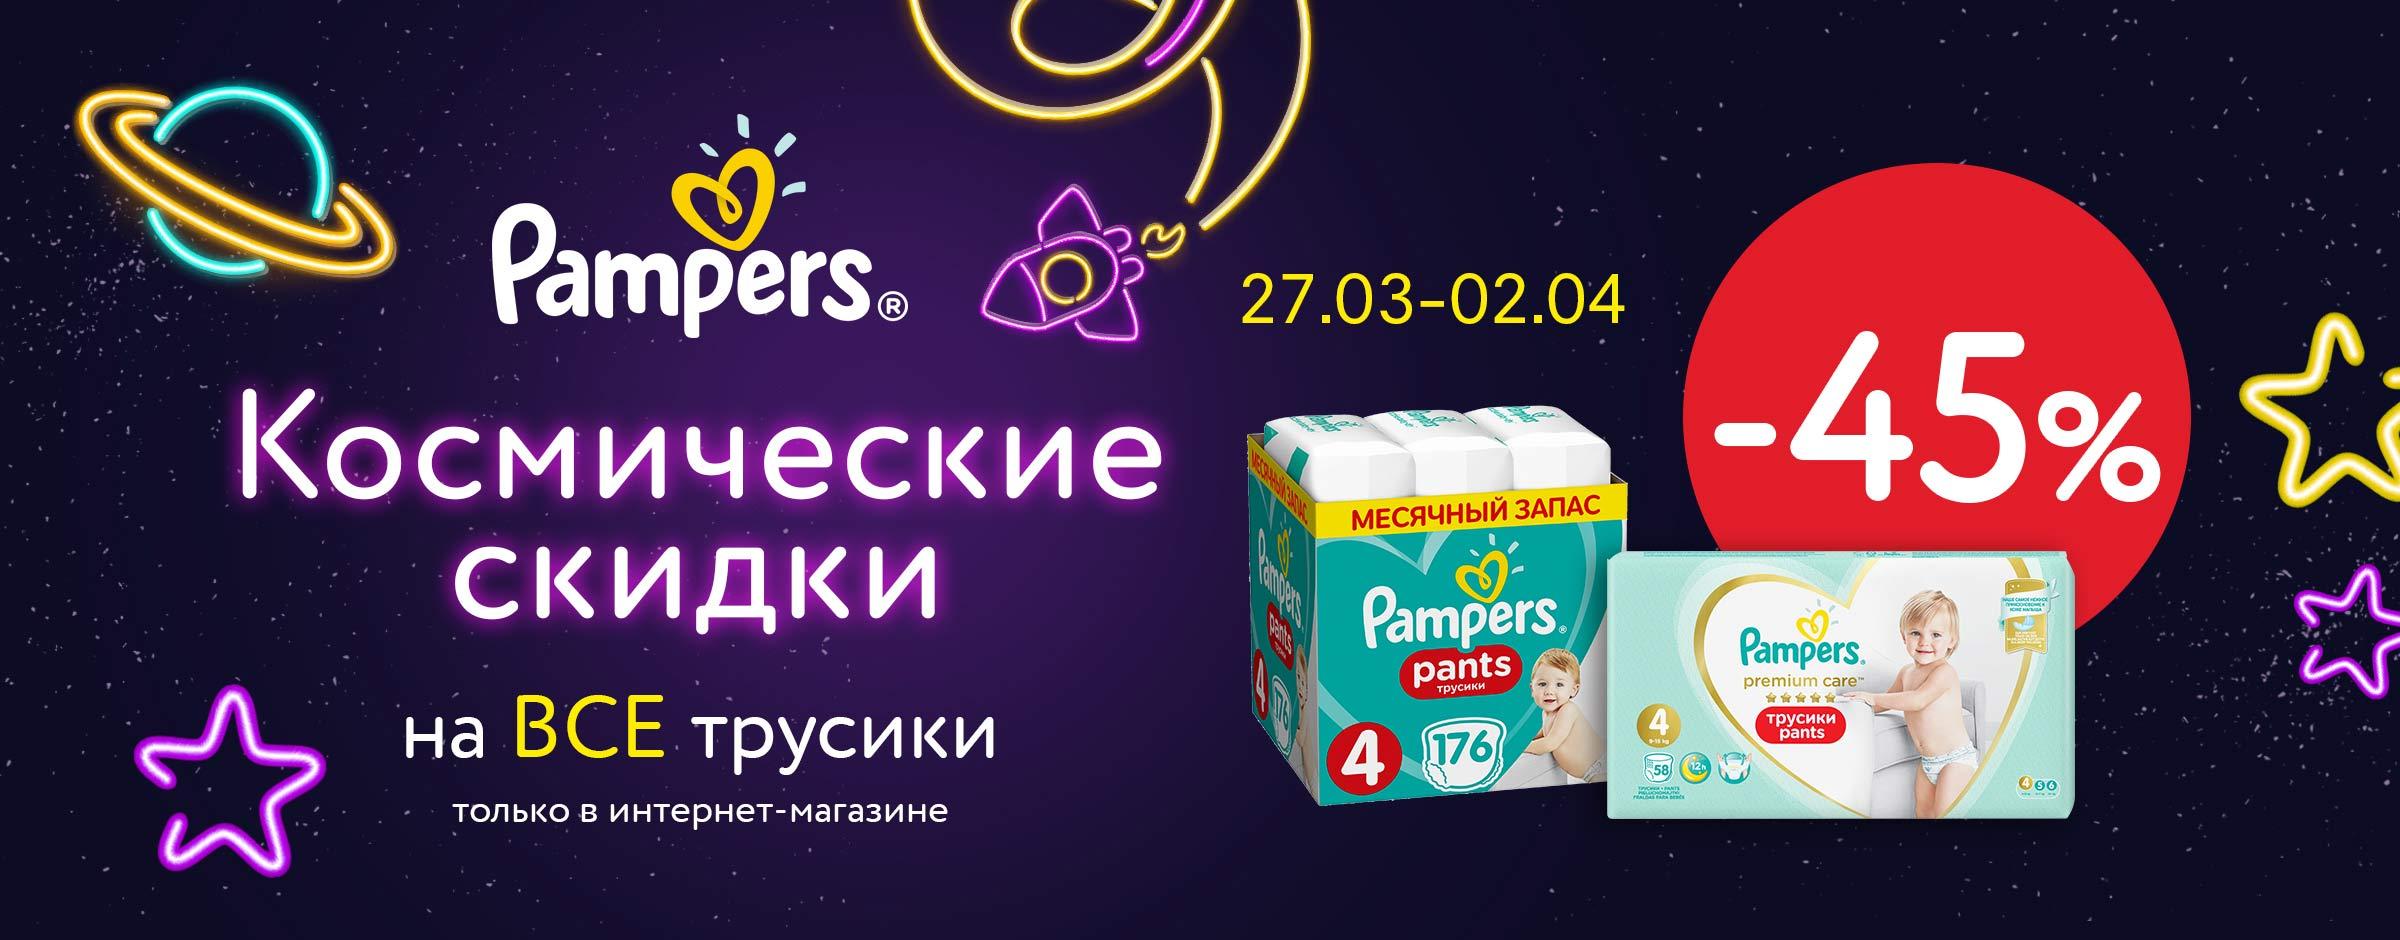 Pampers КС категории вторичные